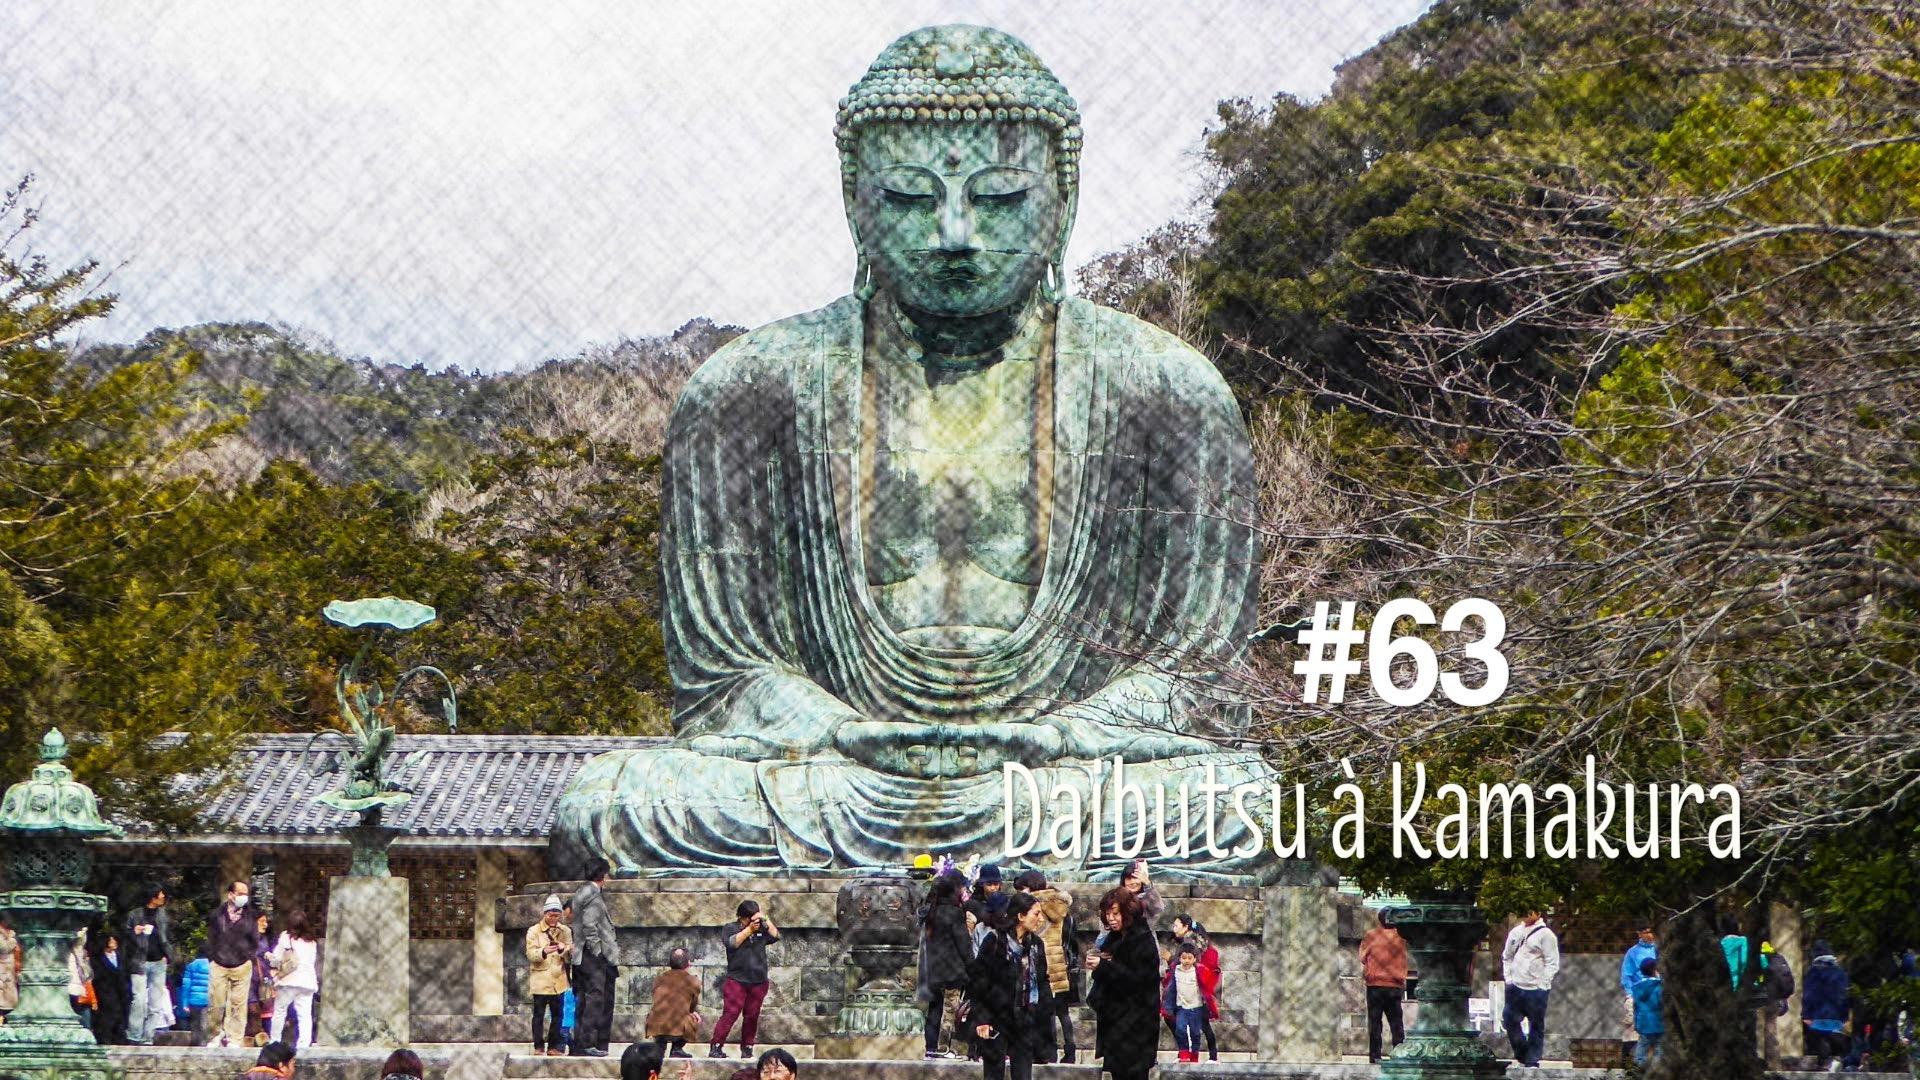 Le grand Daibutsu de Kamakura (#63)